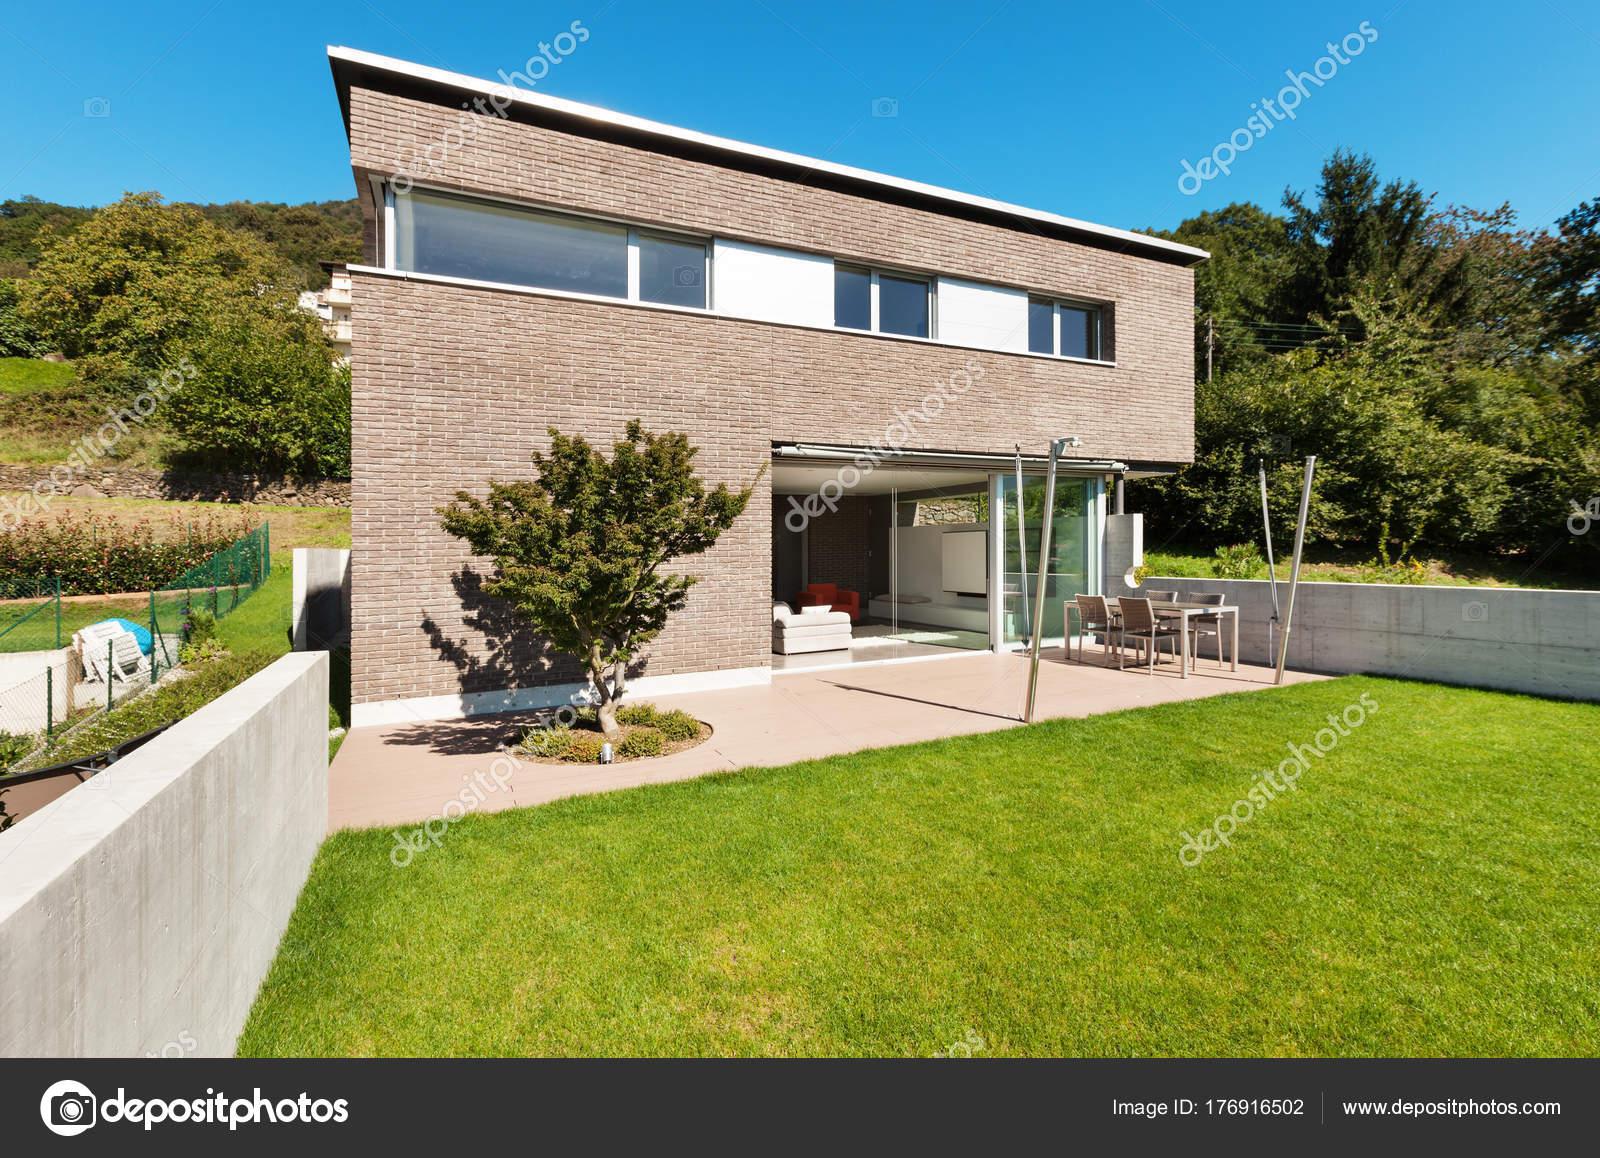 conception de l'architecture moderne, maison — photographie zveiger